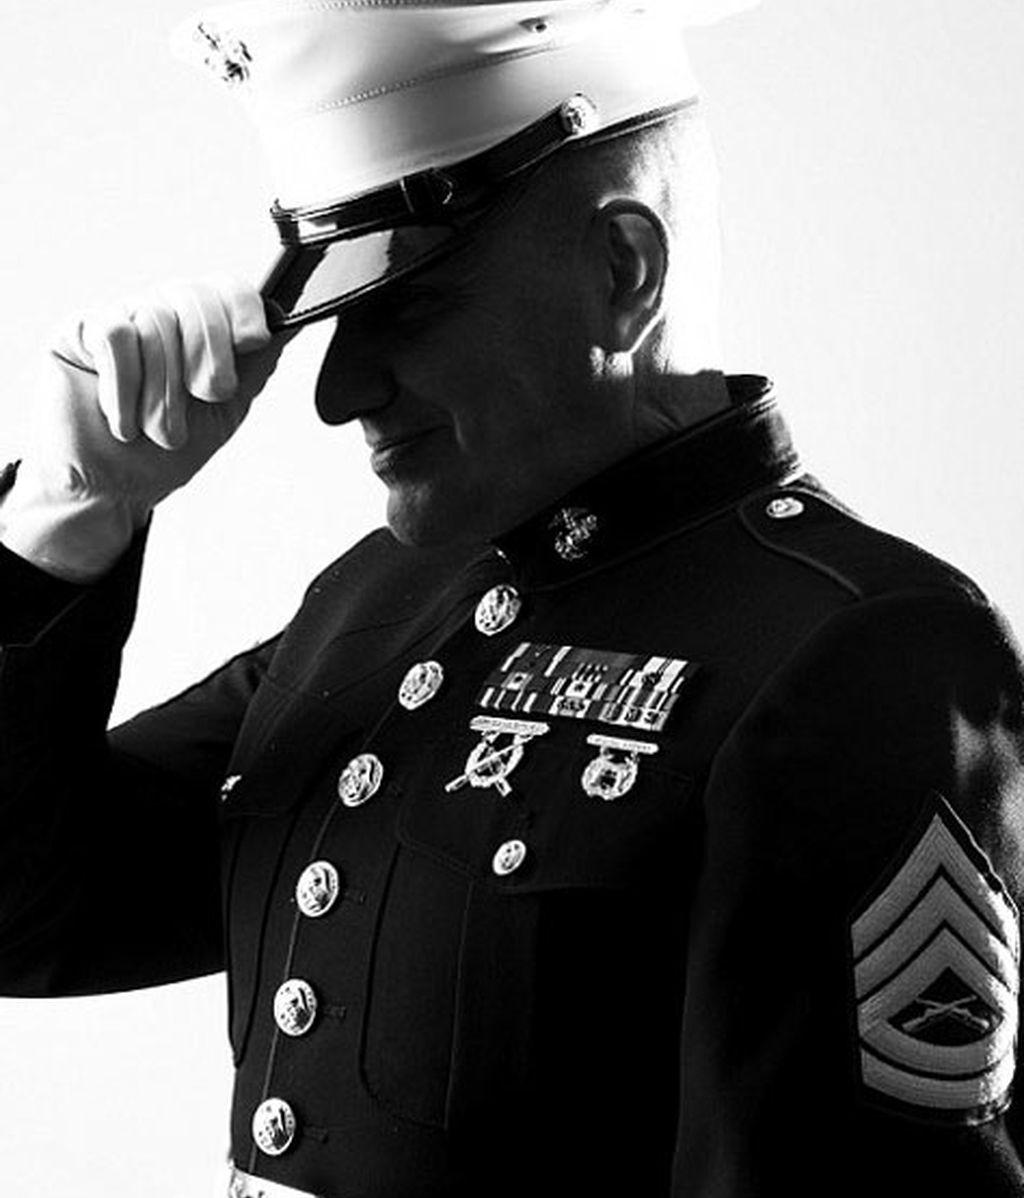 La fotógrafa, una exsargento de la Fuerza aérea de EEUU